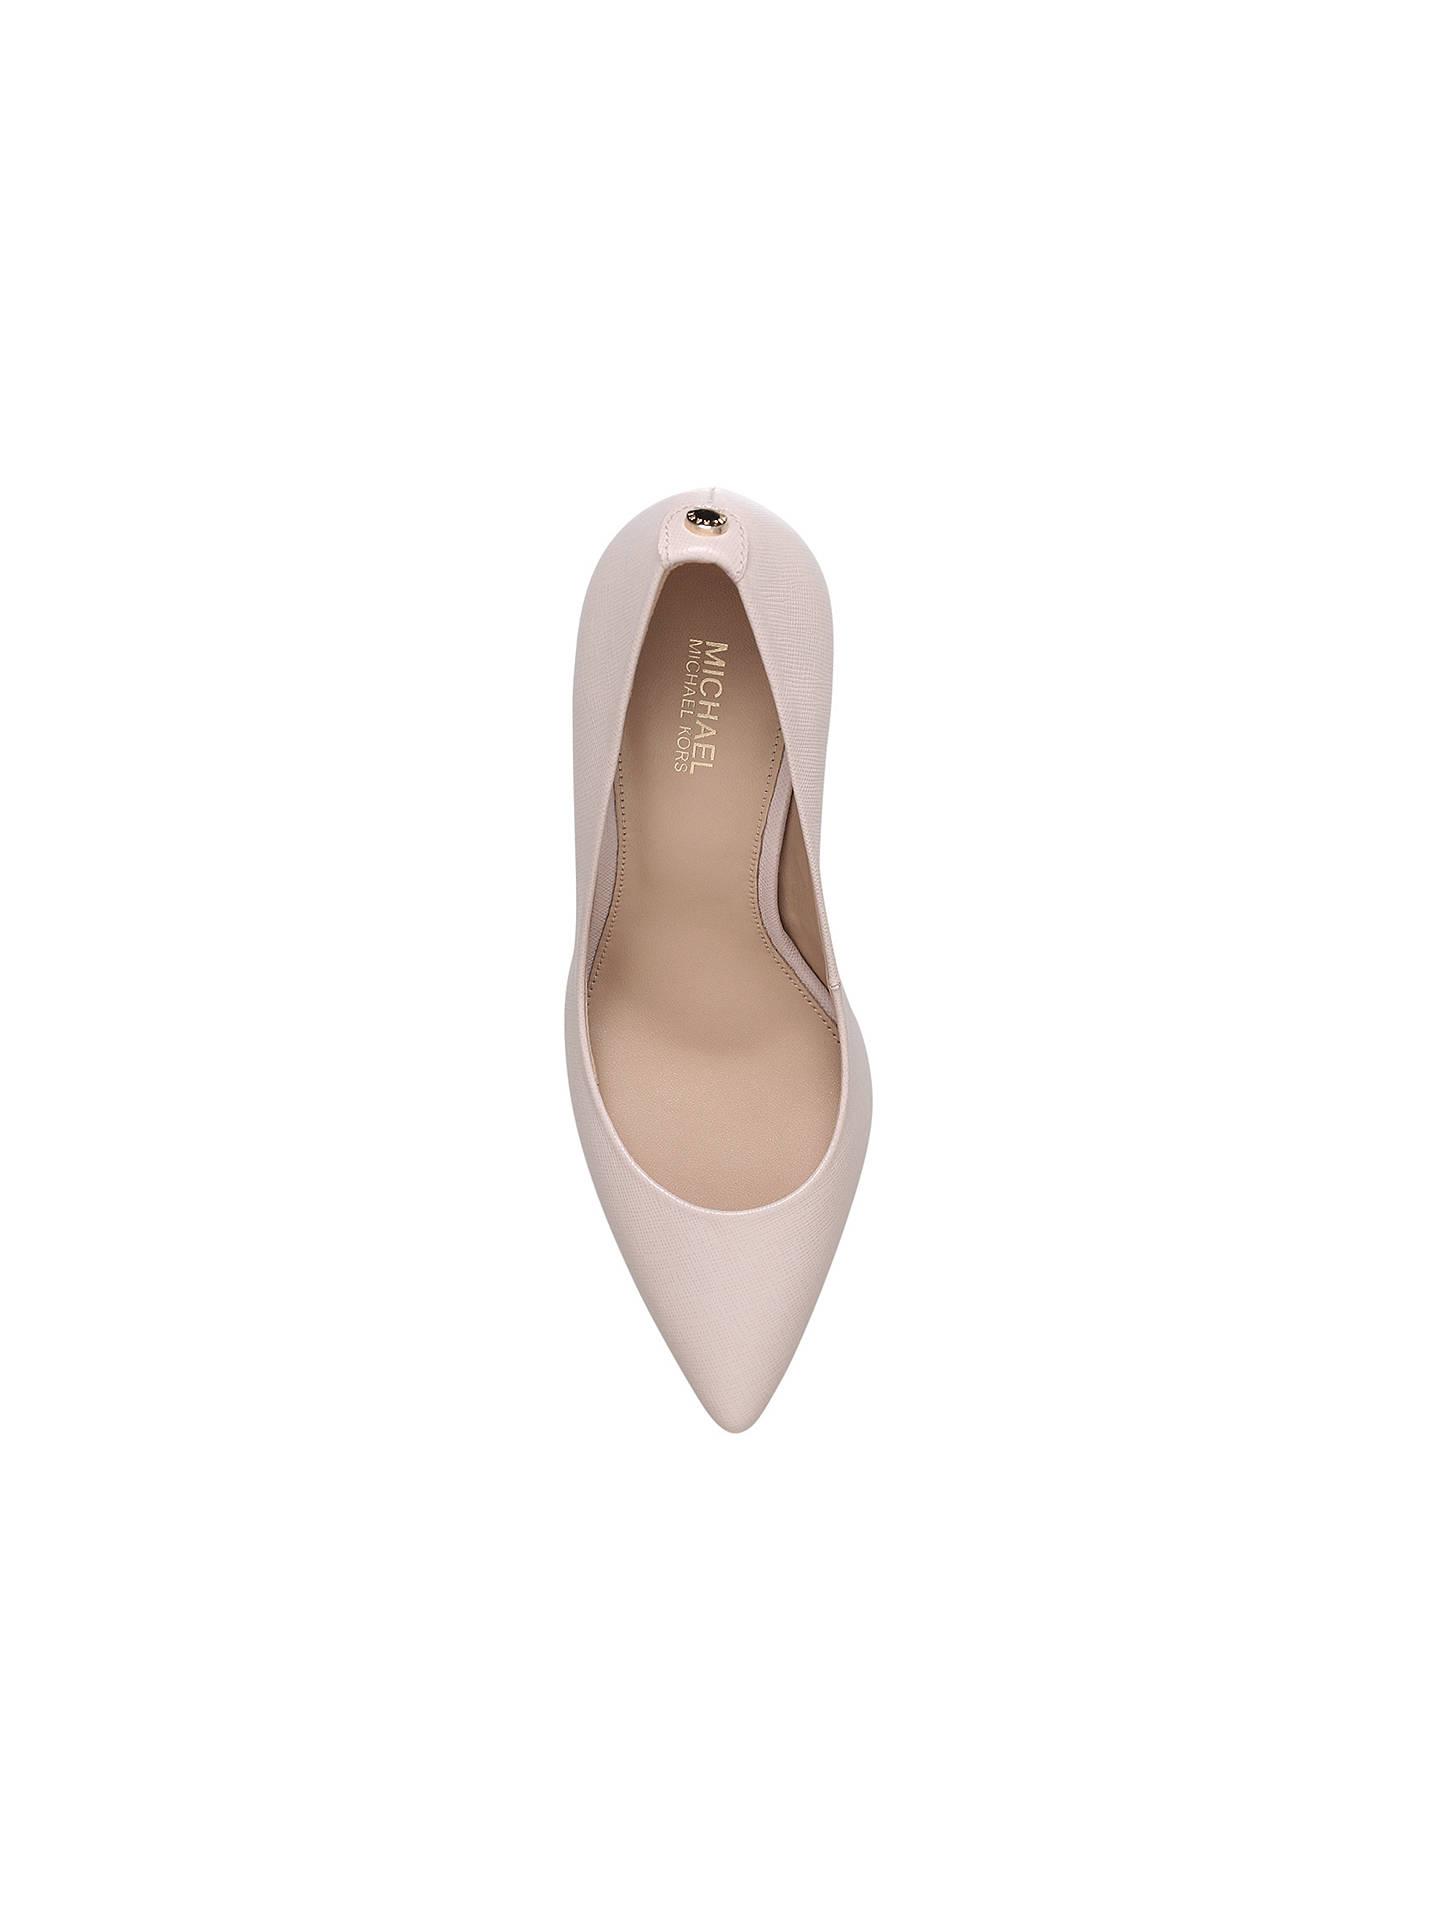 21ca7c3718a1 MICHAEL Michael Kors Flex Pump Stiletto Court Shoes at John Lewis ...